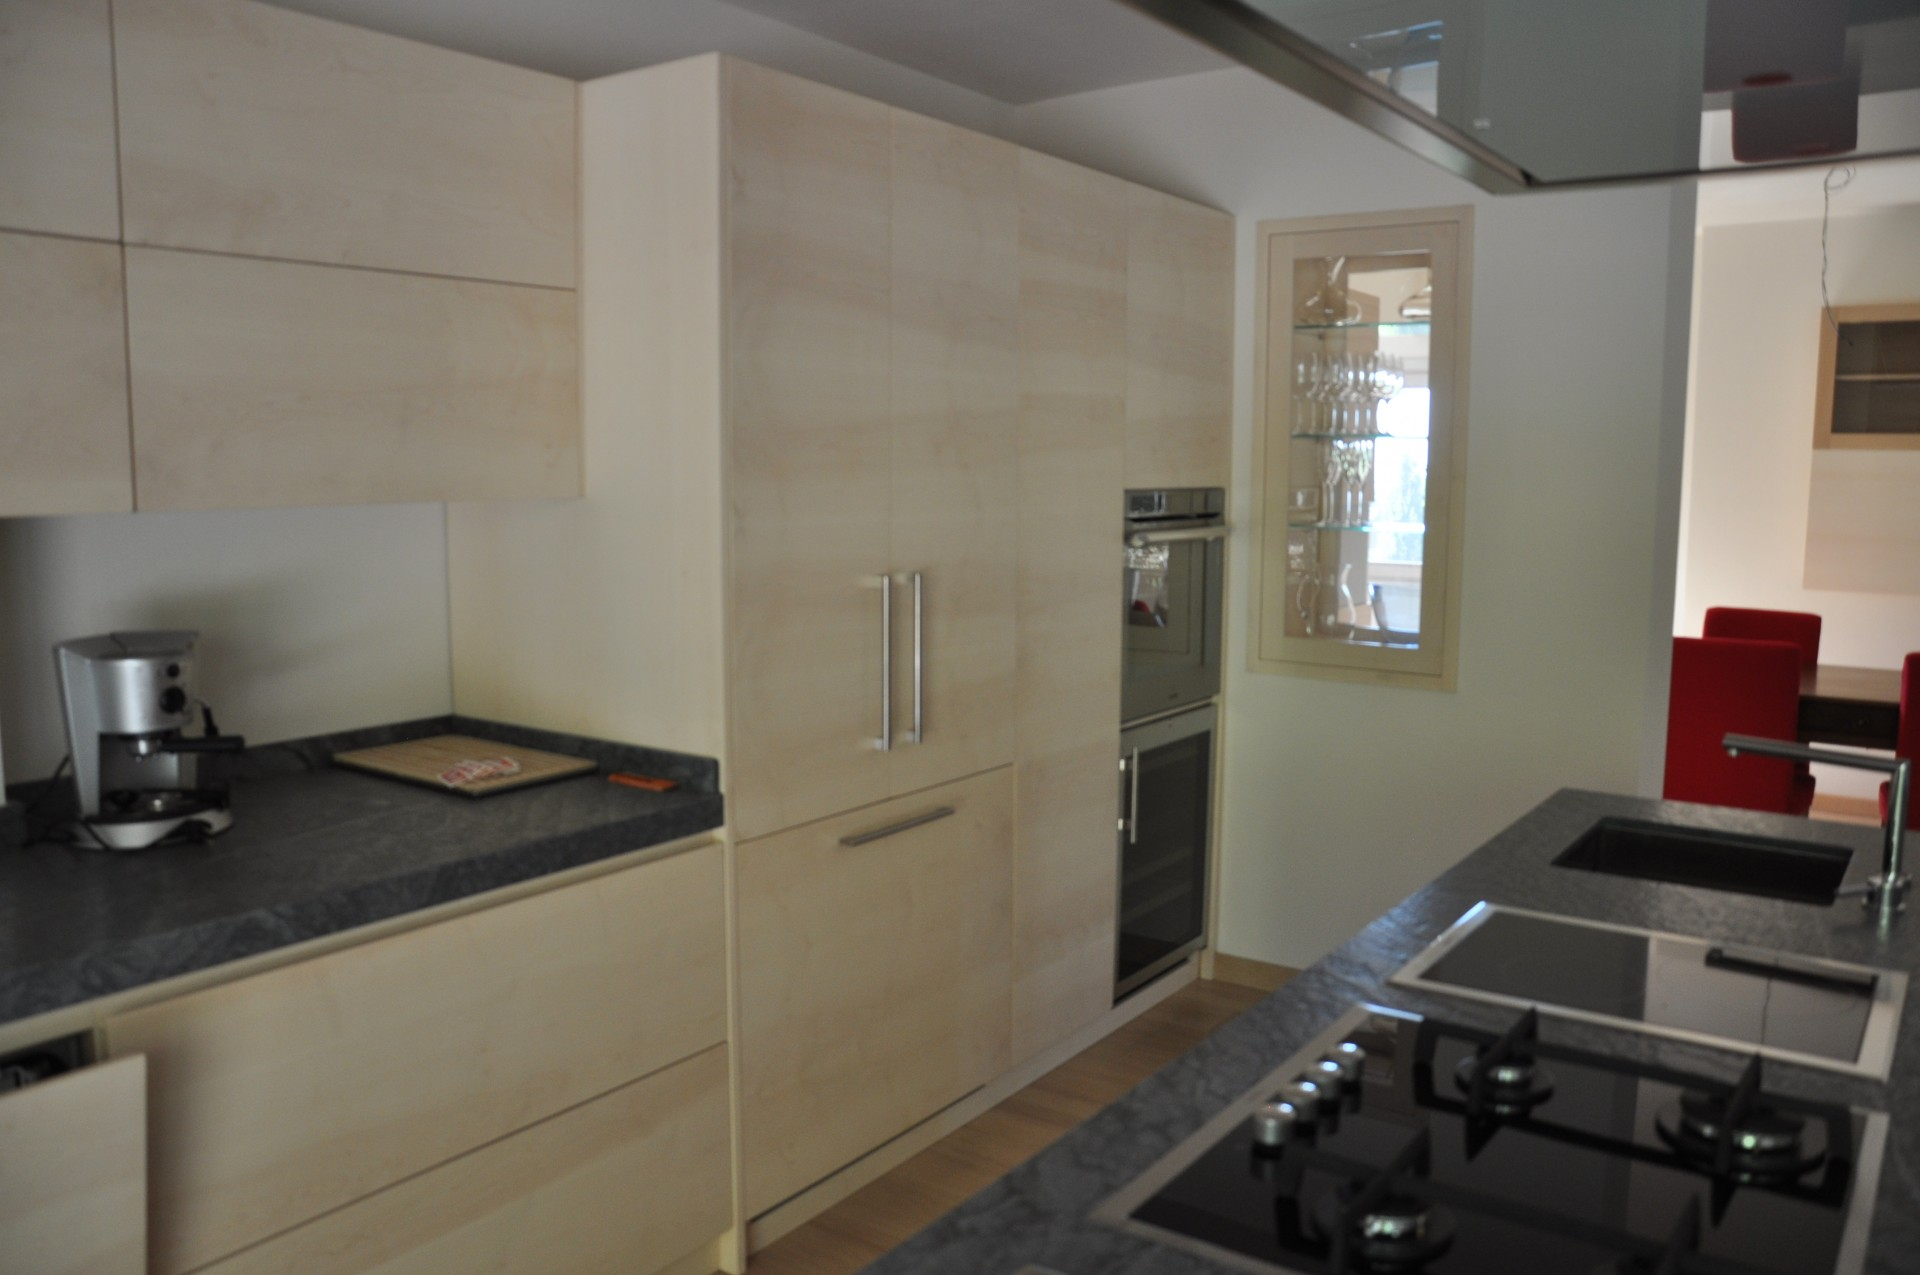 Pavimento Per Cucina Of Pavimenti Per Soggiorno Cucina Design Casa Creativa E